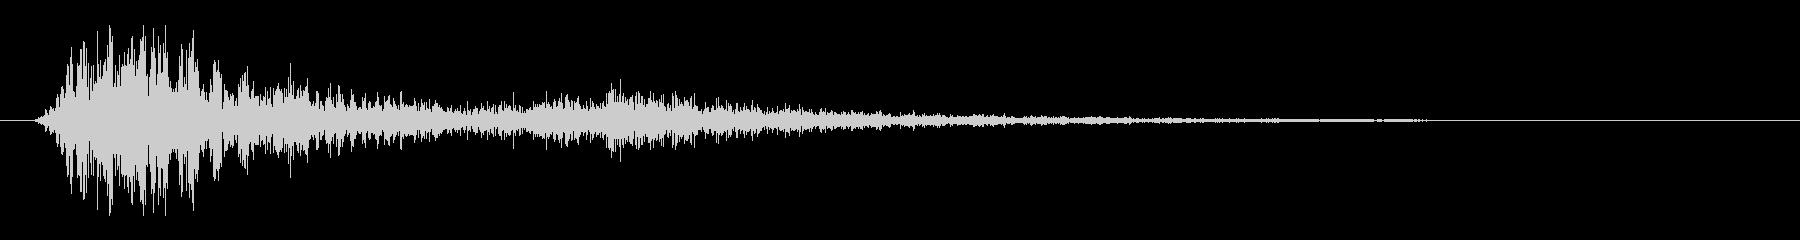 ザヒュ(風を刃物で切る効果音)の未再生の波形